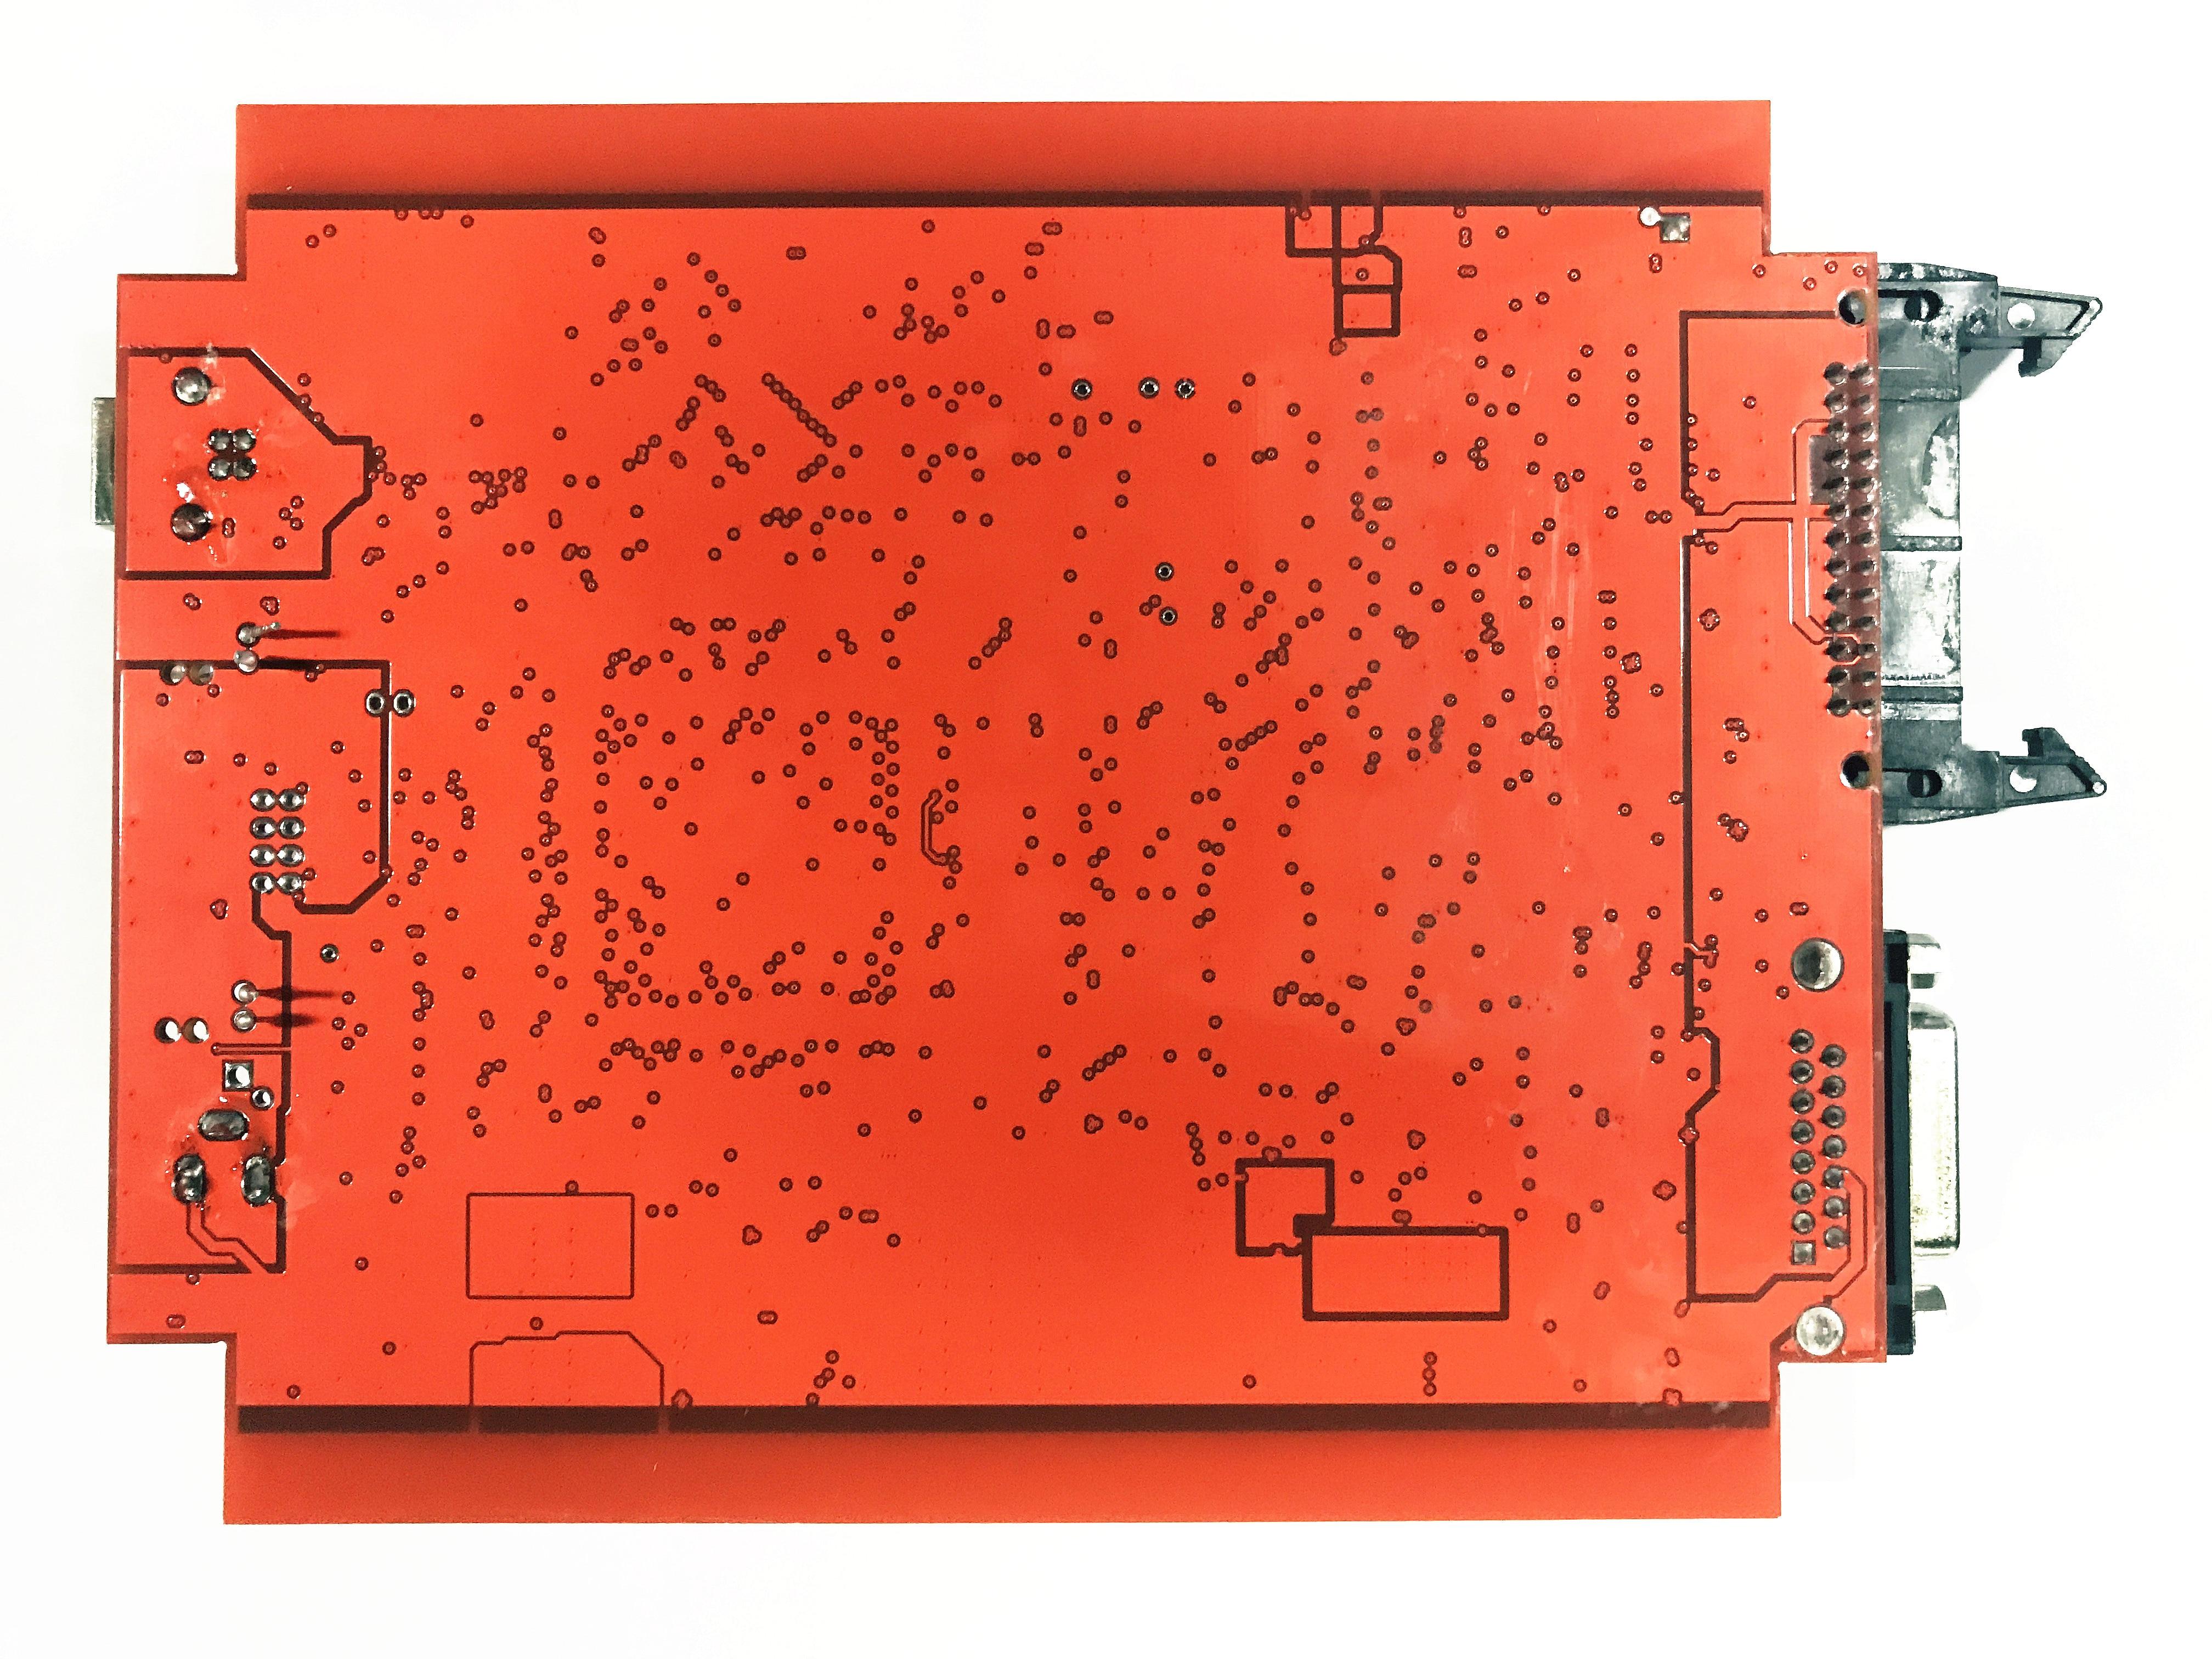 Ue czerwone tytanowe ecm KTAG V2.25 V7.020 4 LED Online wersja główna ECU OBD2 Manager samochód/ciężarówka programista najlepsza jakość